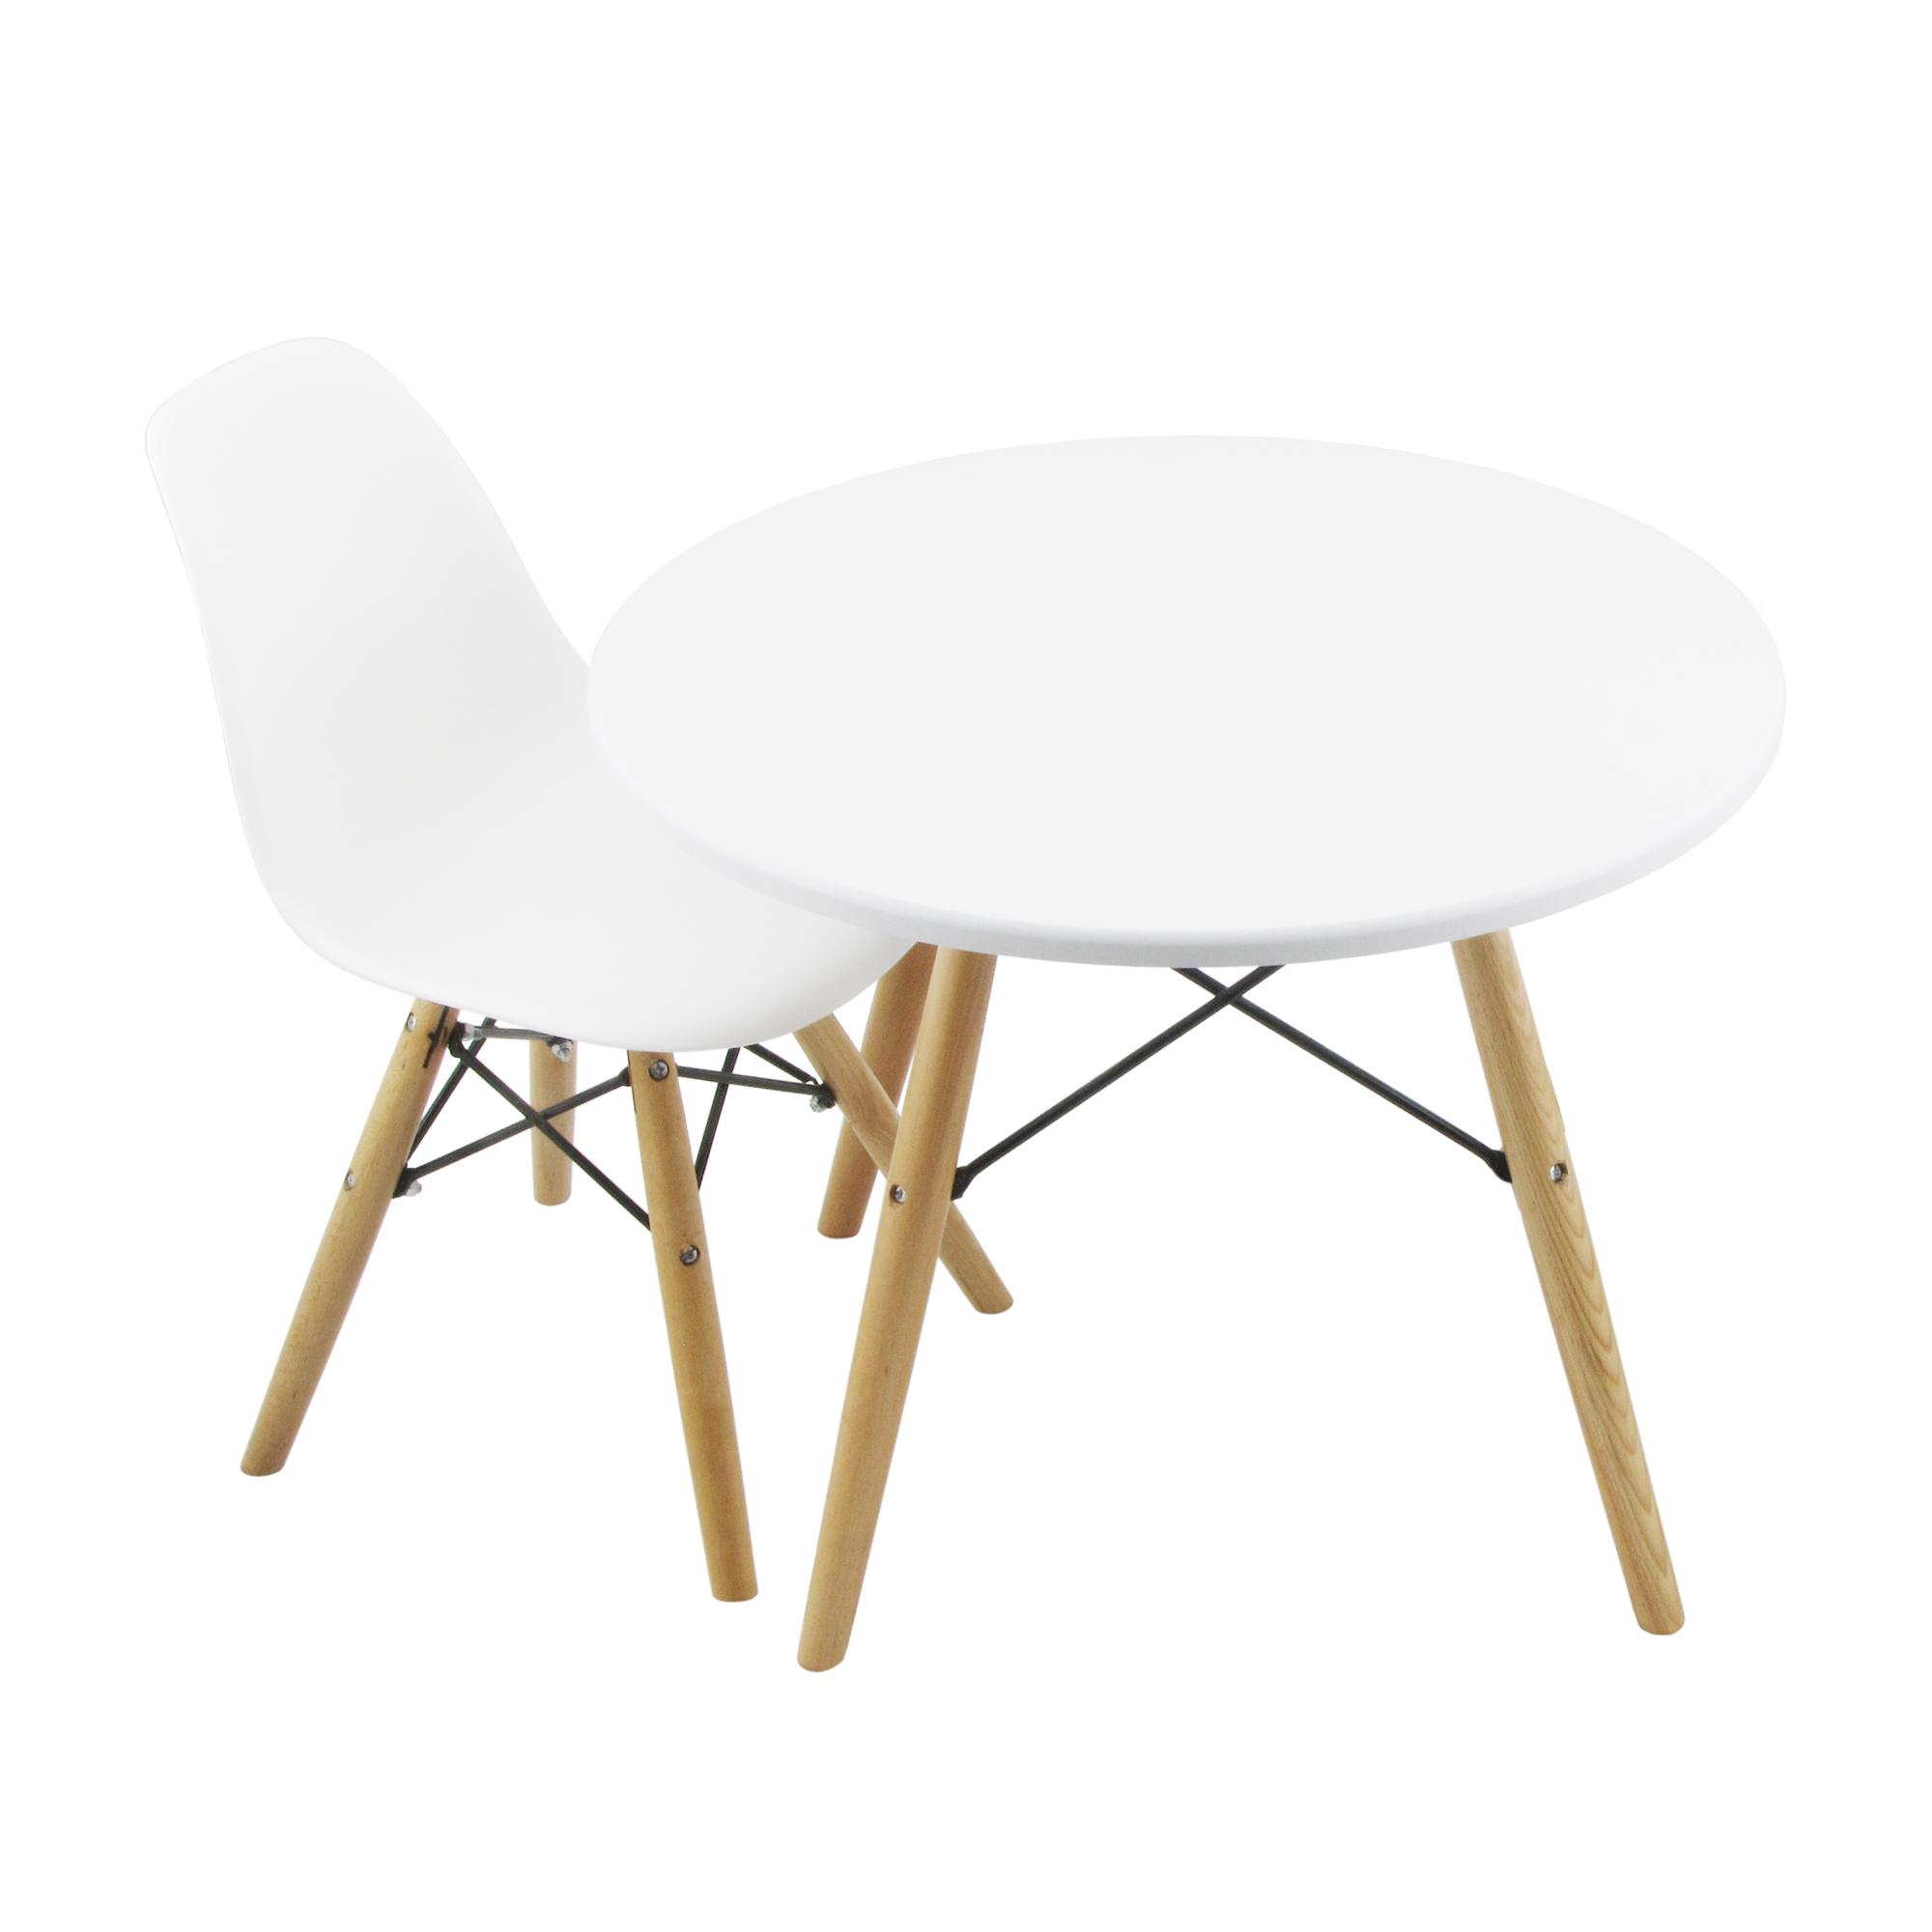 ست میز و صندلی کودک هوگر مدل MK80